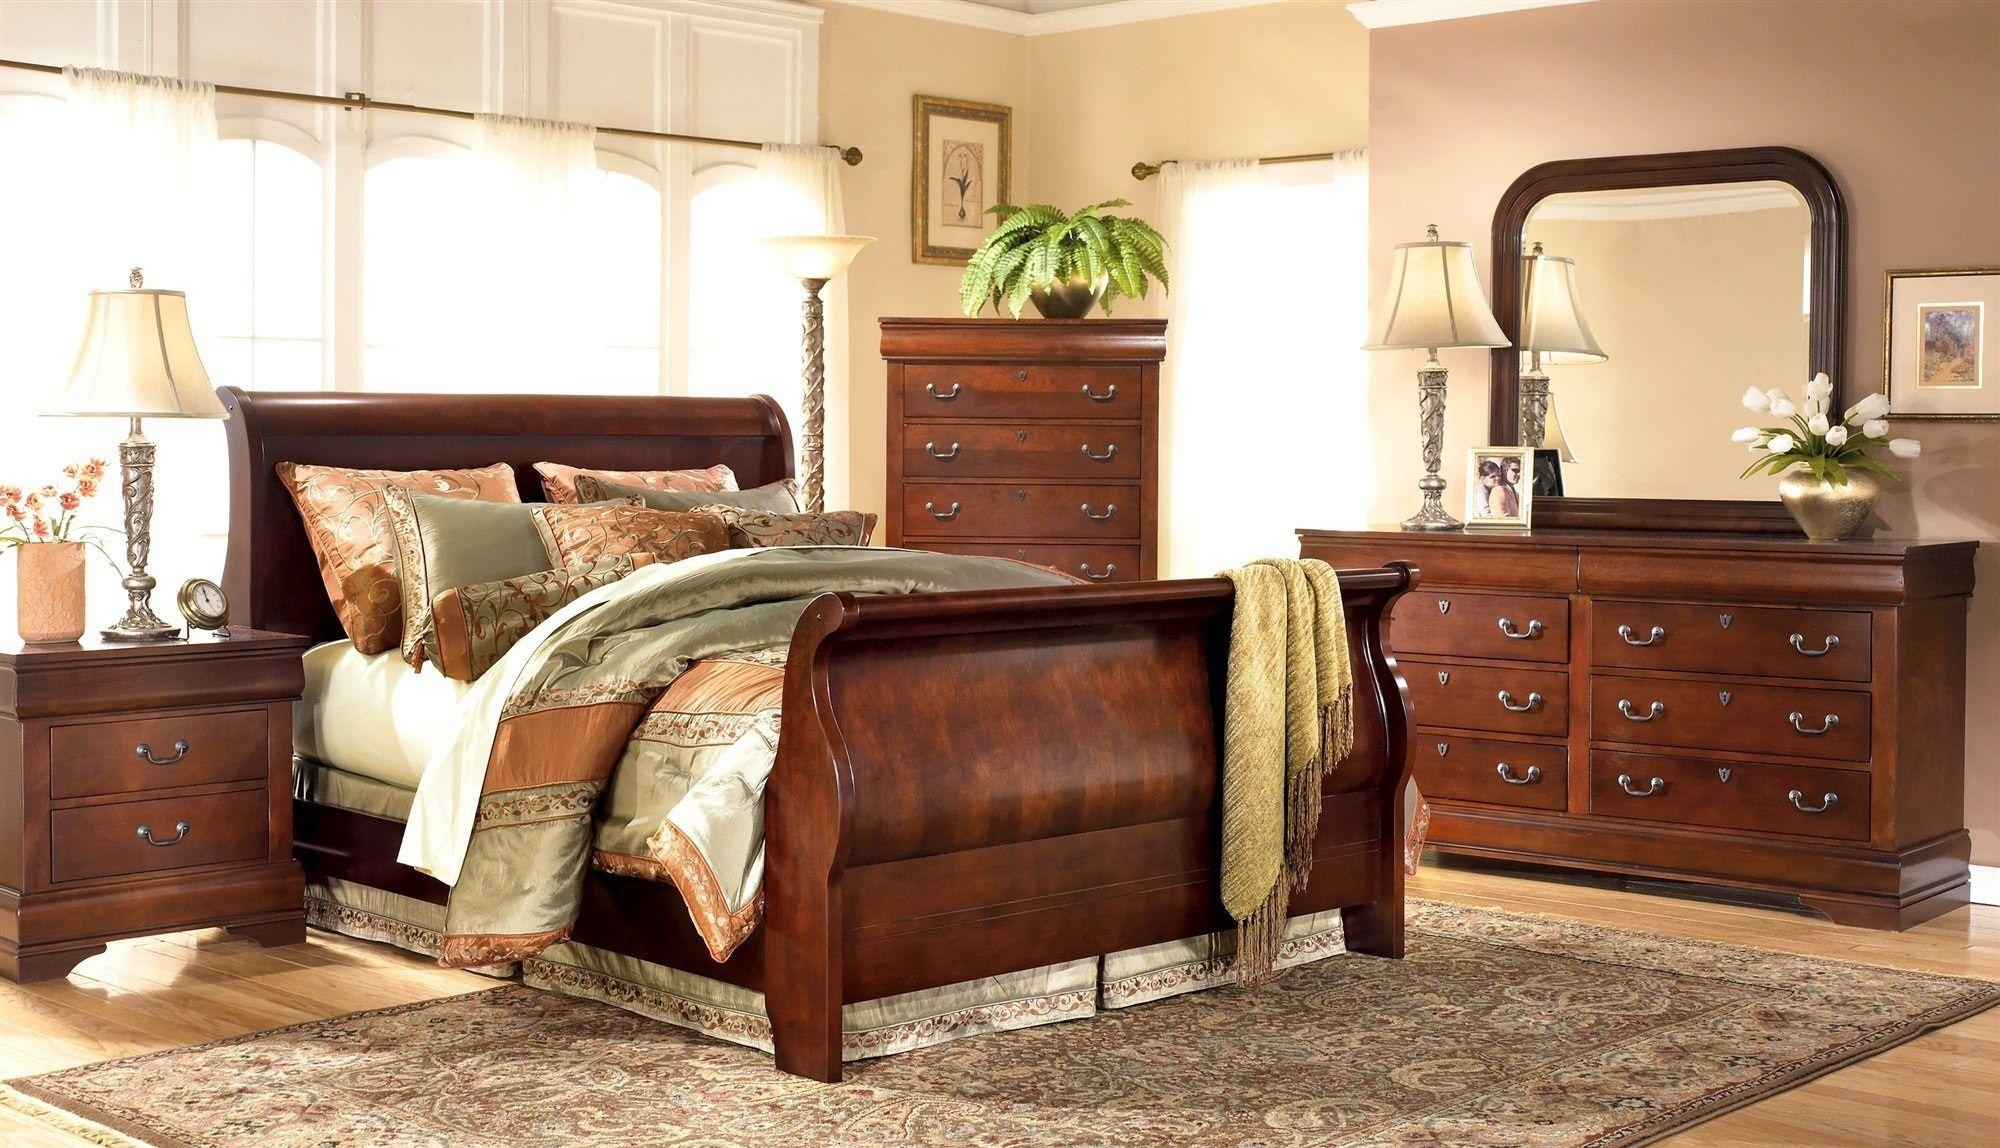 Design Ashley Home Furniture Bedroom Set Understand King